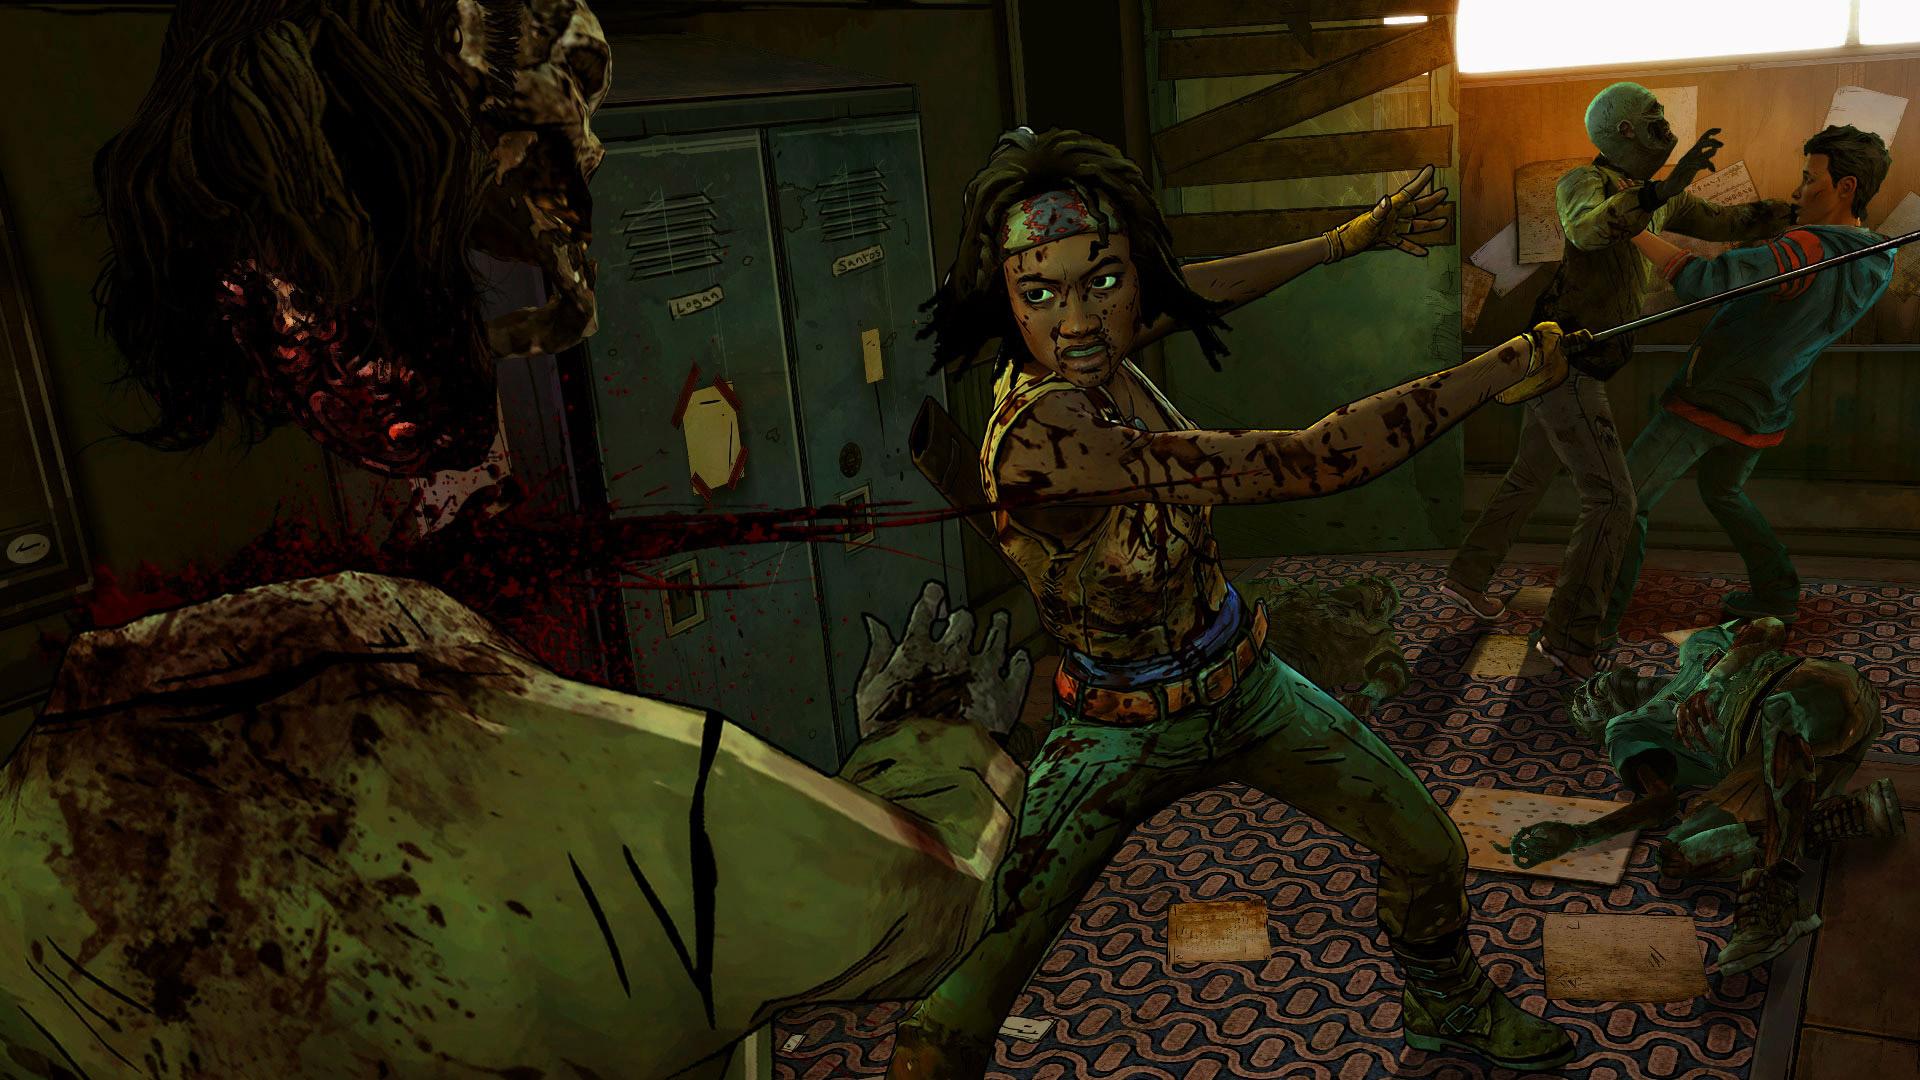 The Walking Dead: Michonne Wallpaper in 1920x1080